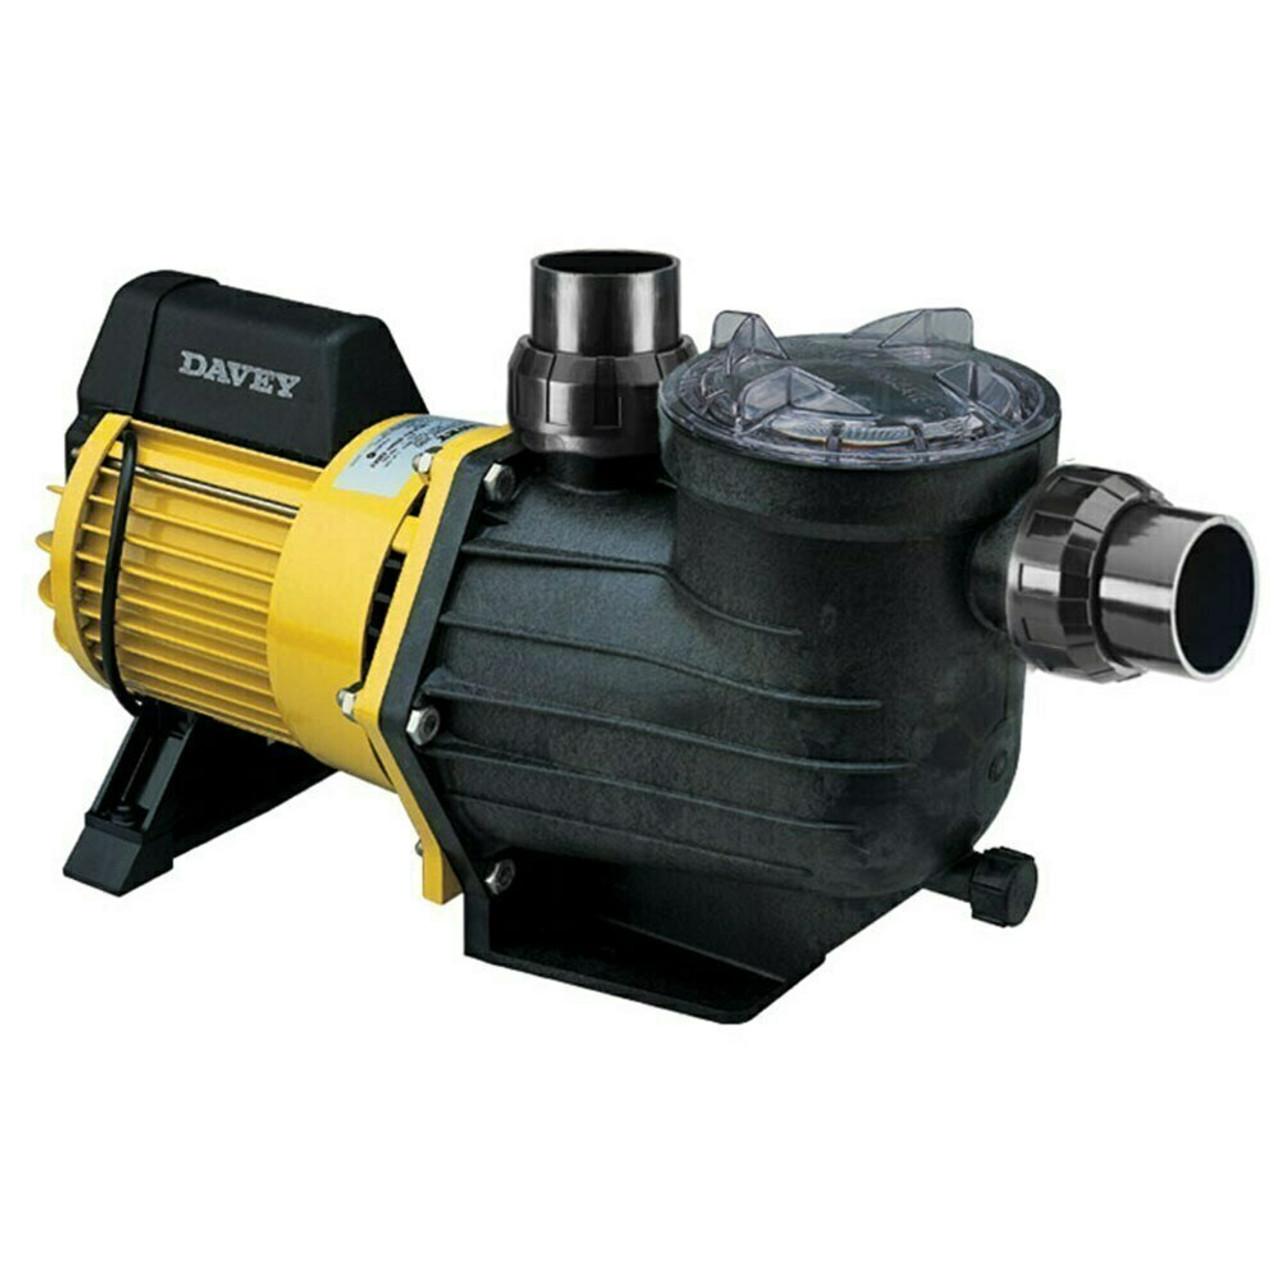 Davey PowerMaster PM450 pool pump